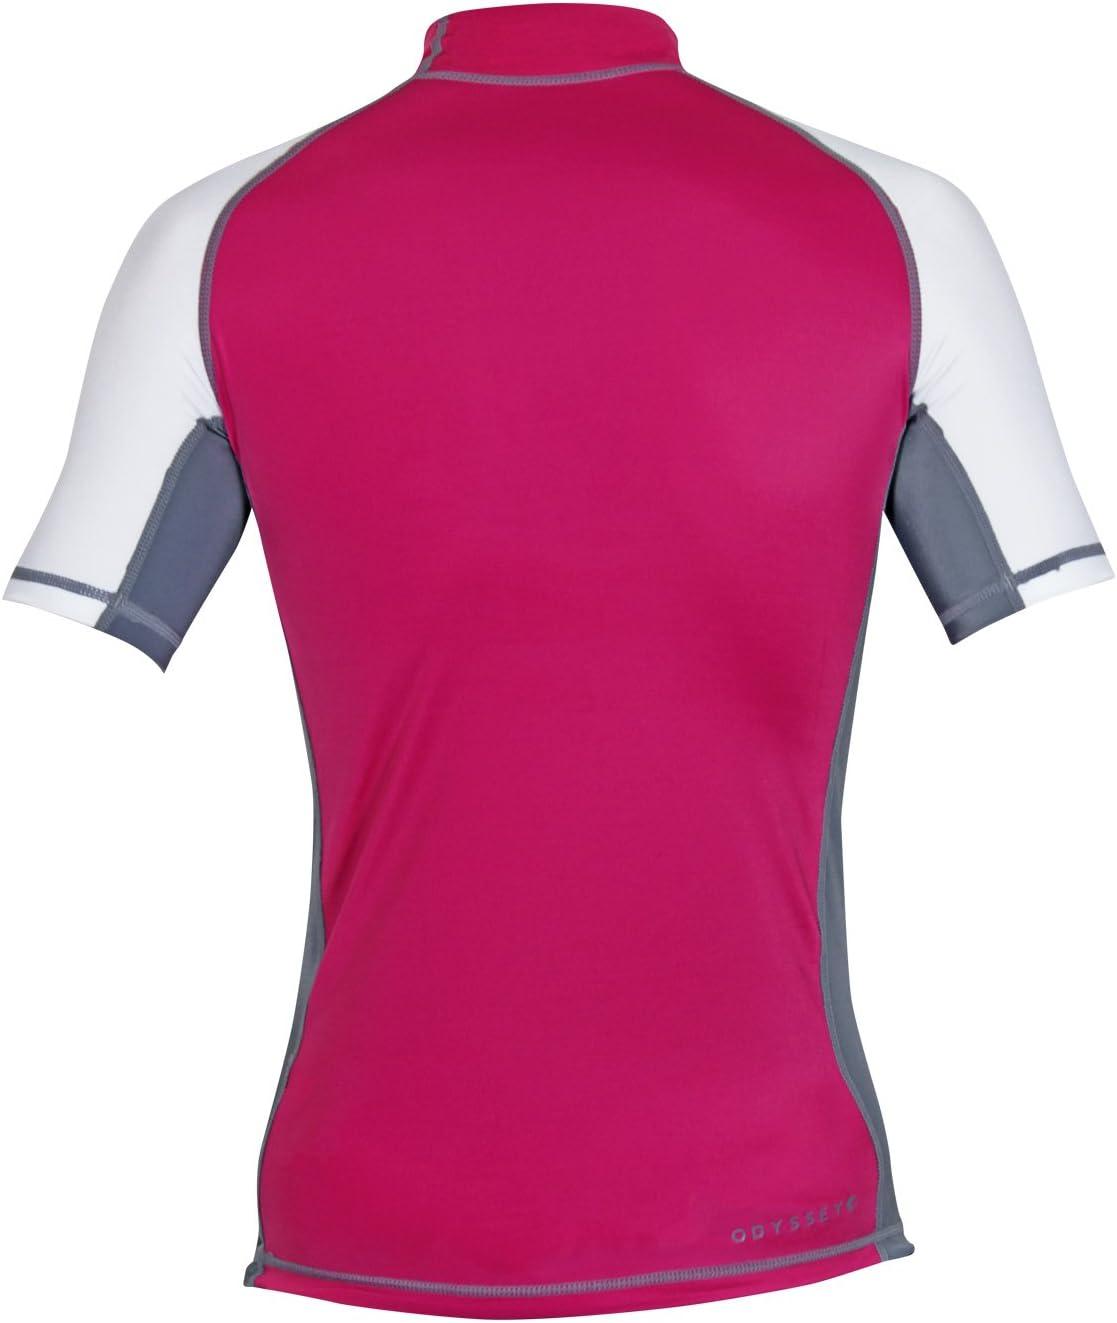 Odyssey Childrens Core Short Sleeve Rash Vest